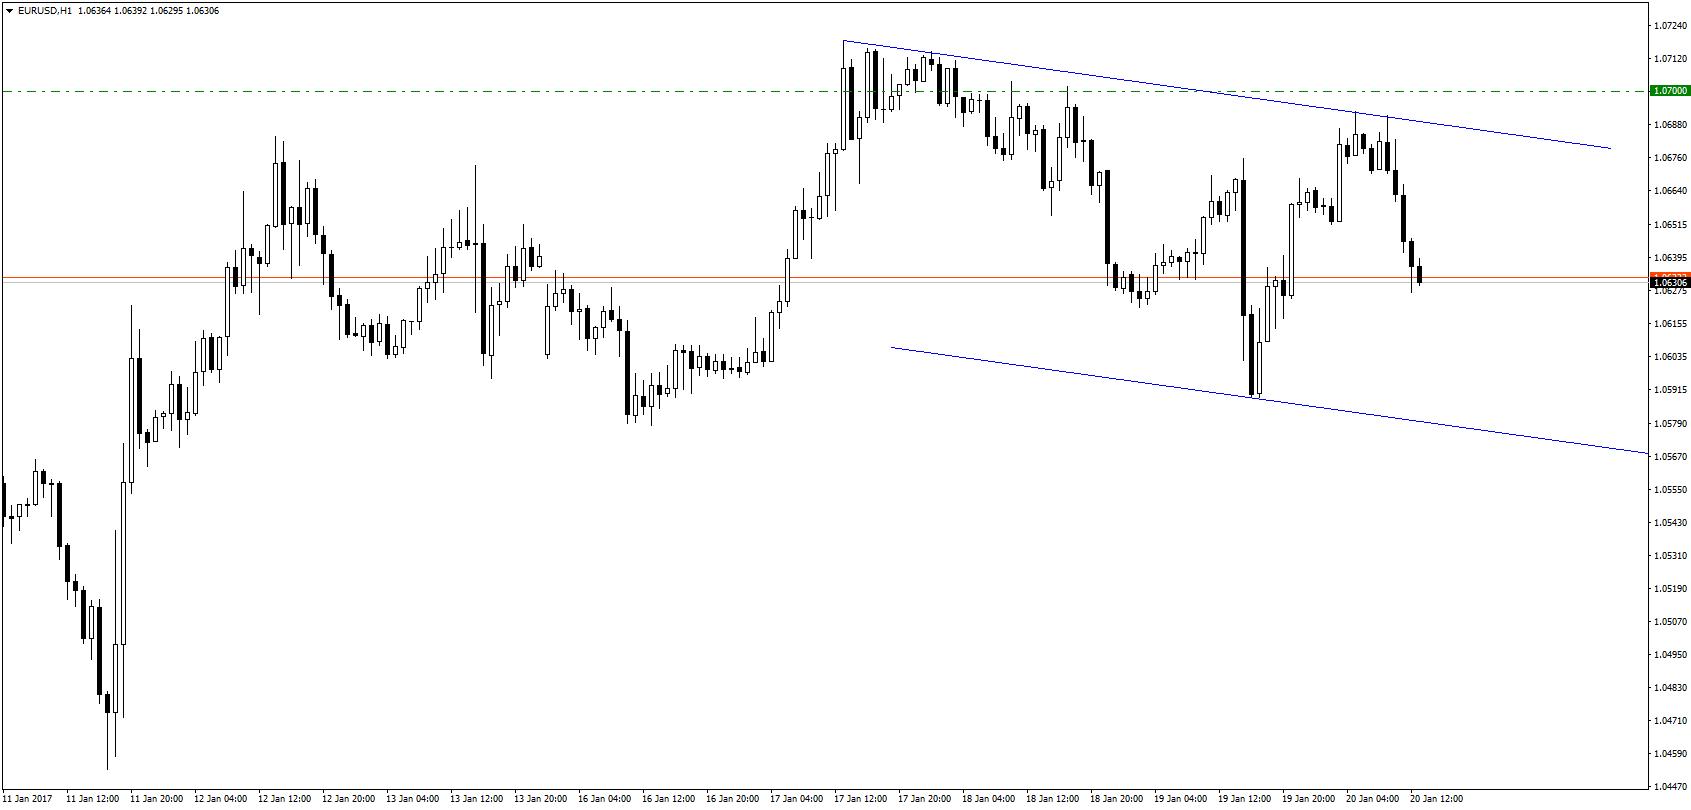 Eurodolar w kanale spadkowym. Analitycy Citi zalecają dołączenie do niedźwiedzi, lecz nie z obecnych poziomów.